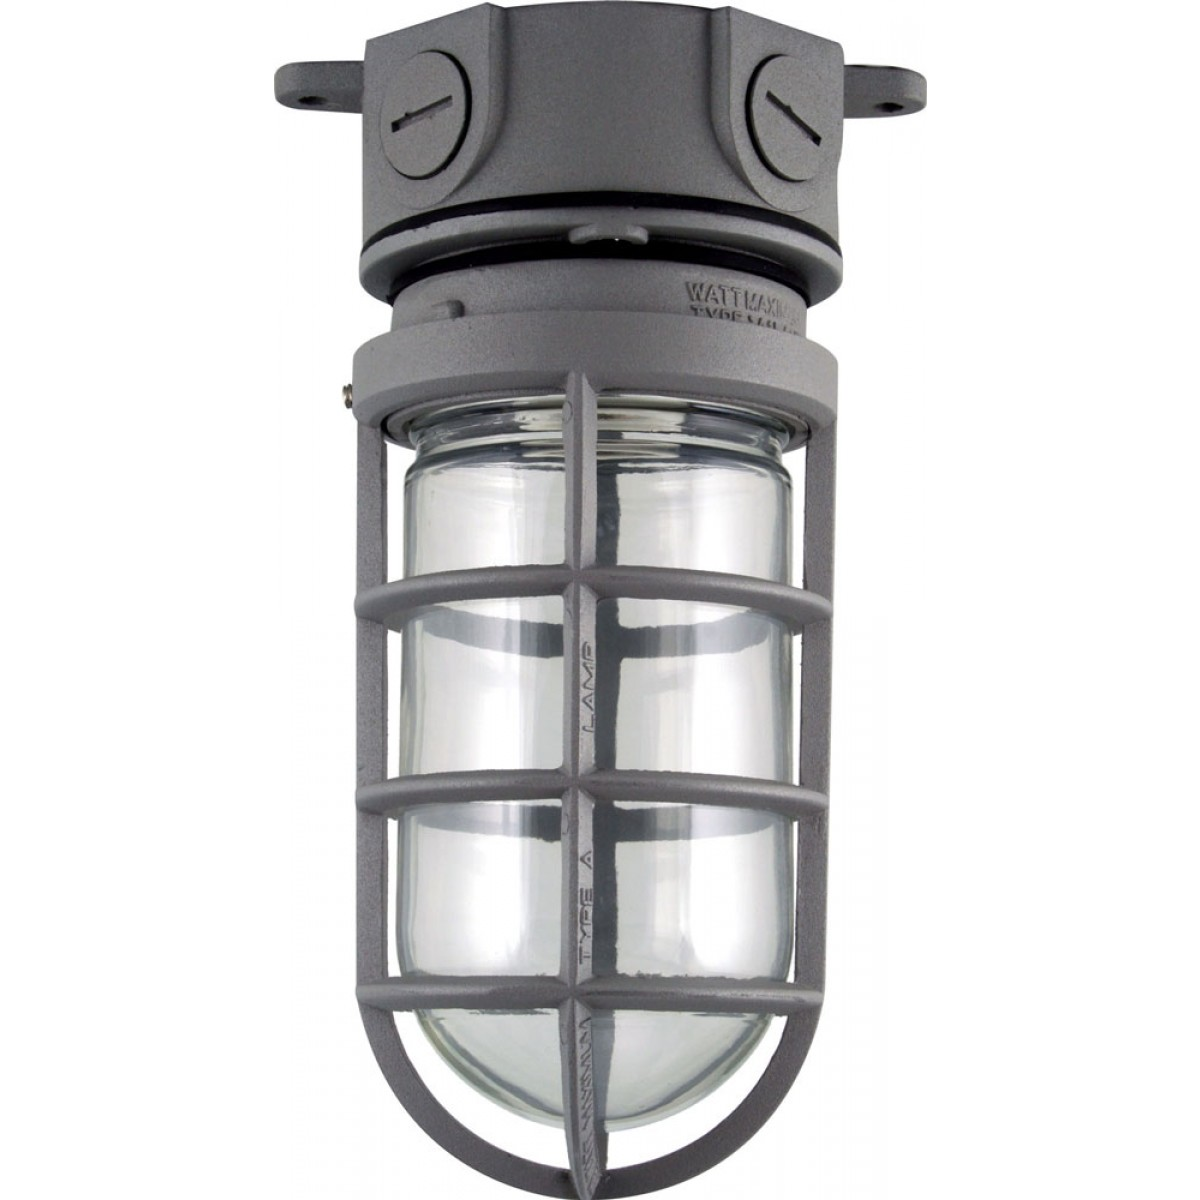 Vpb2 - Vapor-proof Fixtures  Hid Lighting